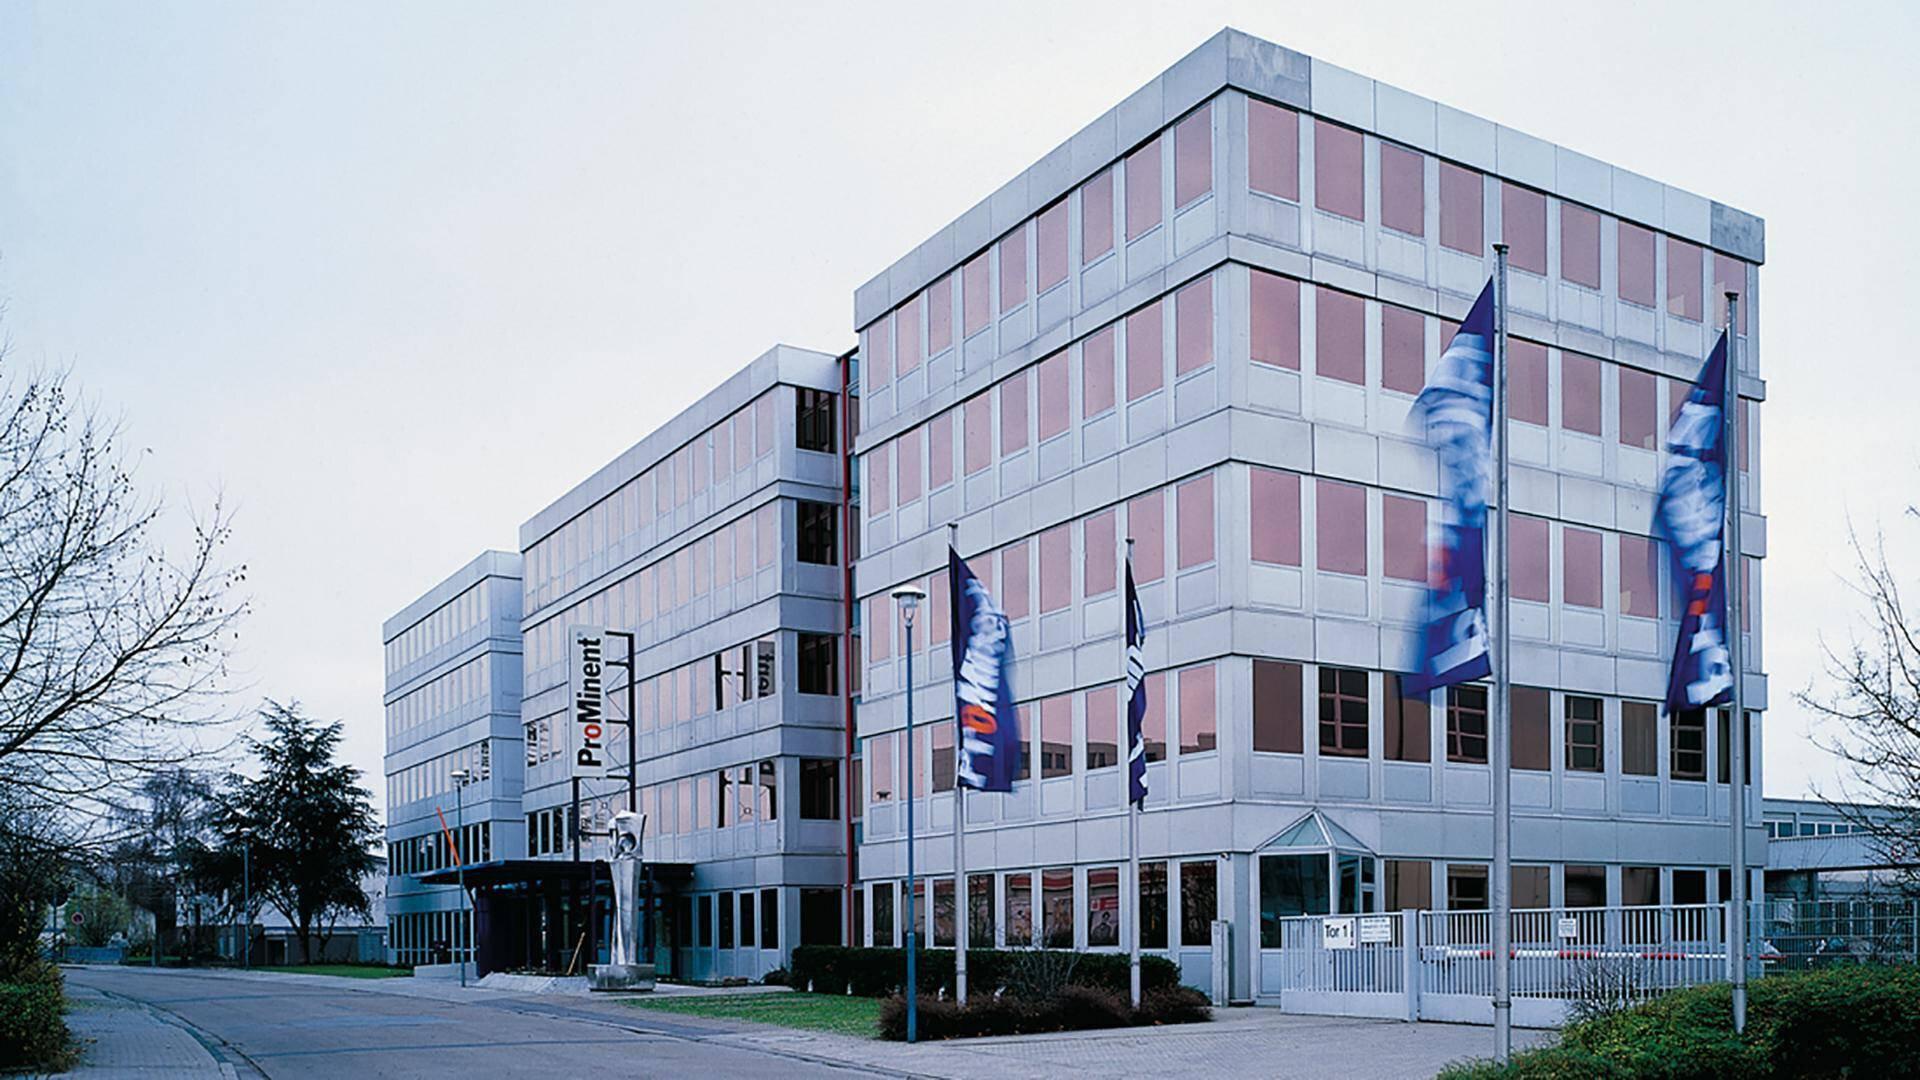 Gallery image 0 - Group headquarter in Heidelberg, Germany.